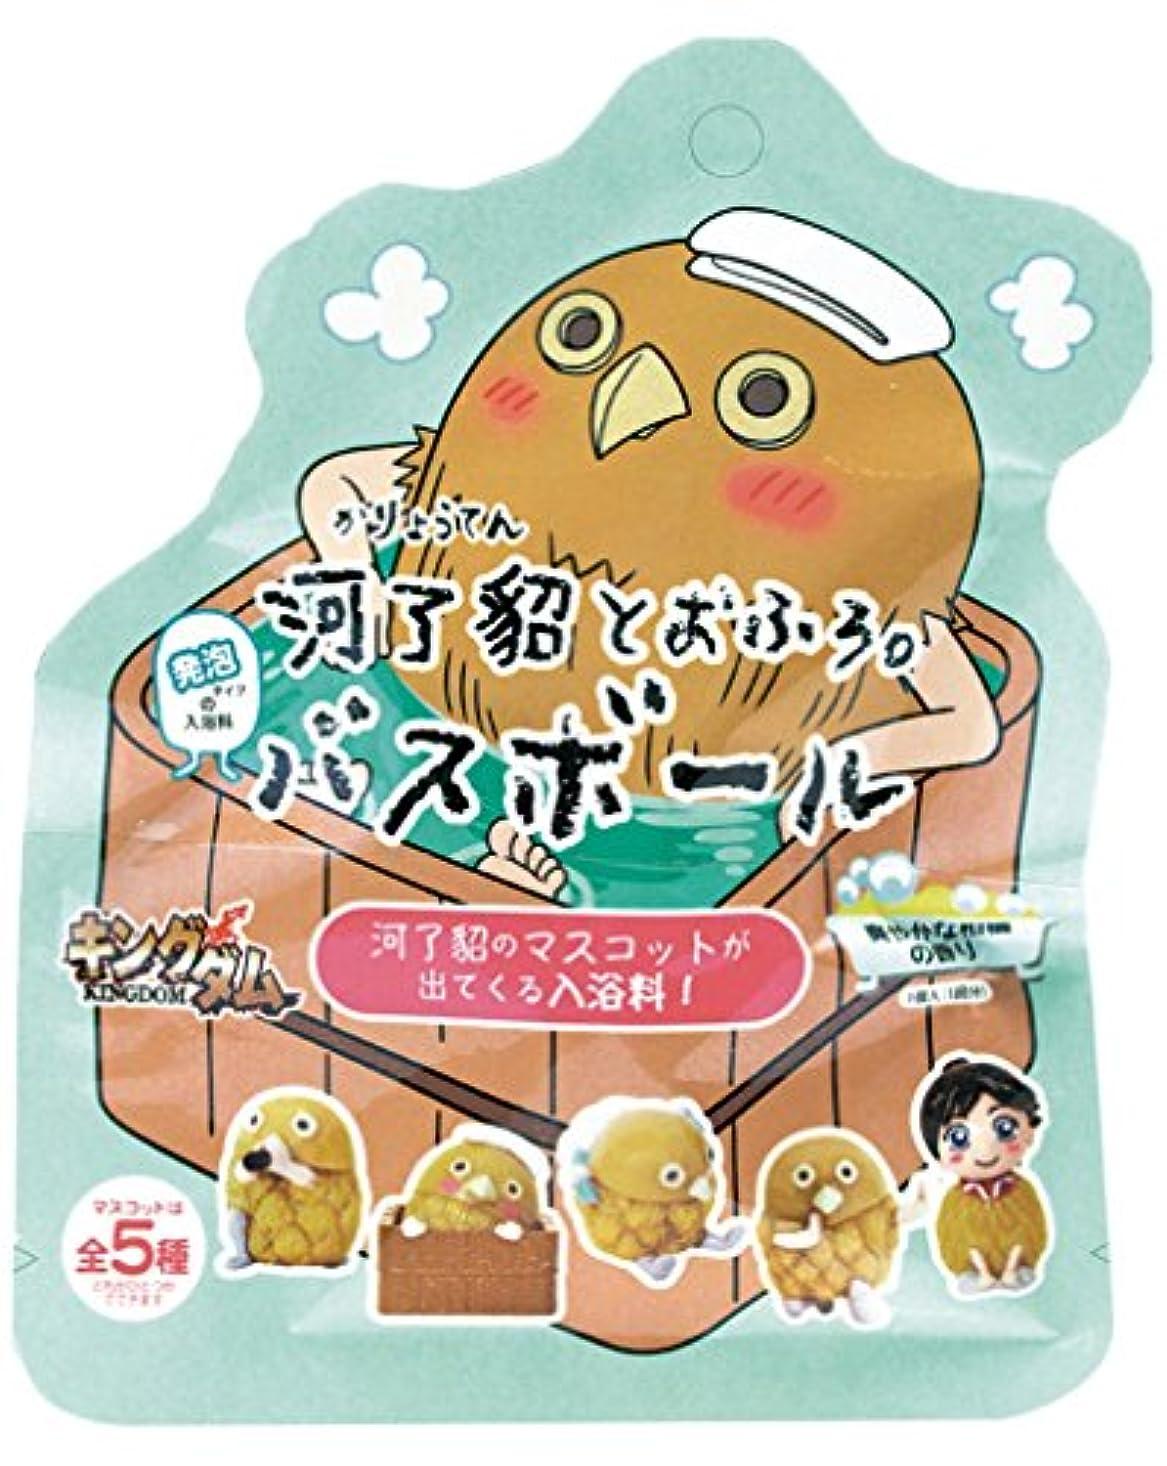 オーバーコート動作対応するキングダム 入浴剤 バスボール 柑橘の香り 60g マスコット入り OB-GMB-1-1